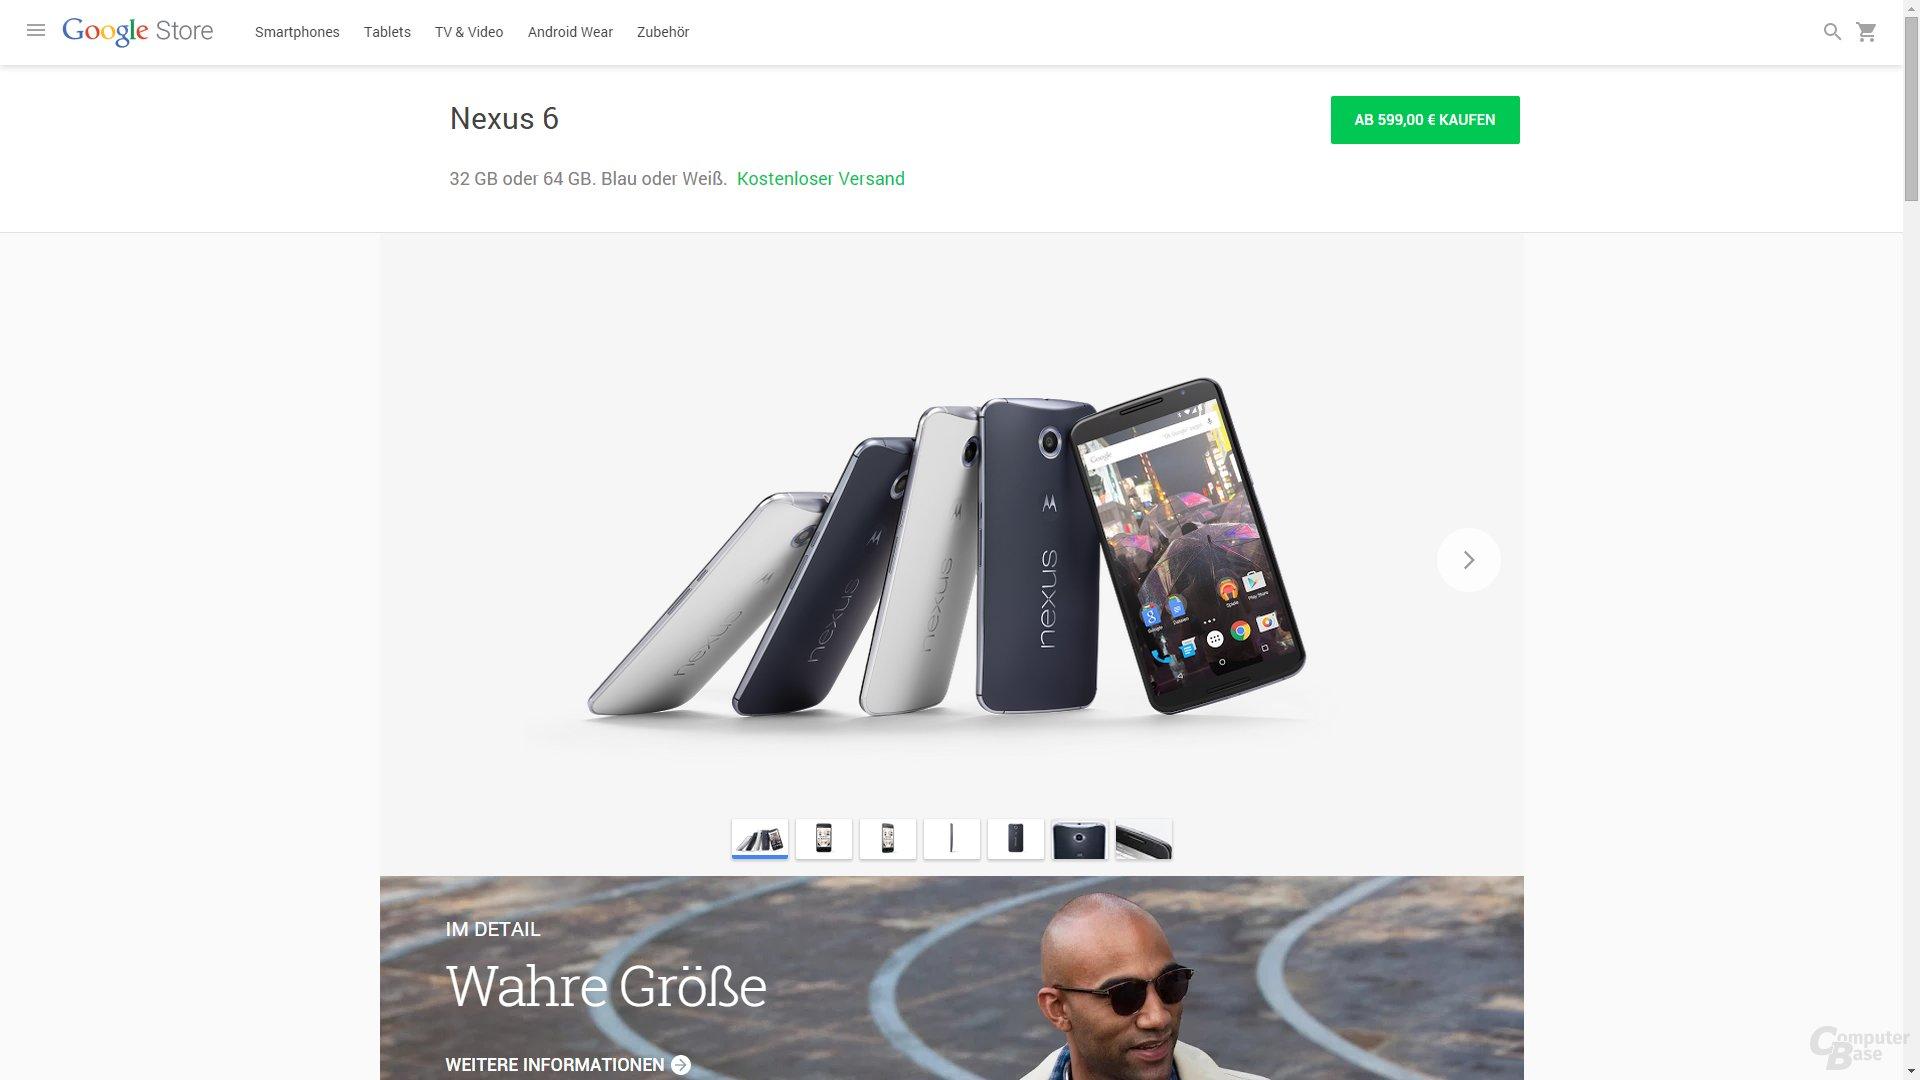 Google Store – Smartphones